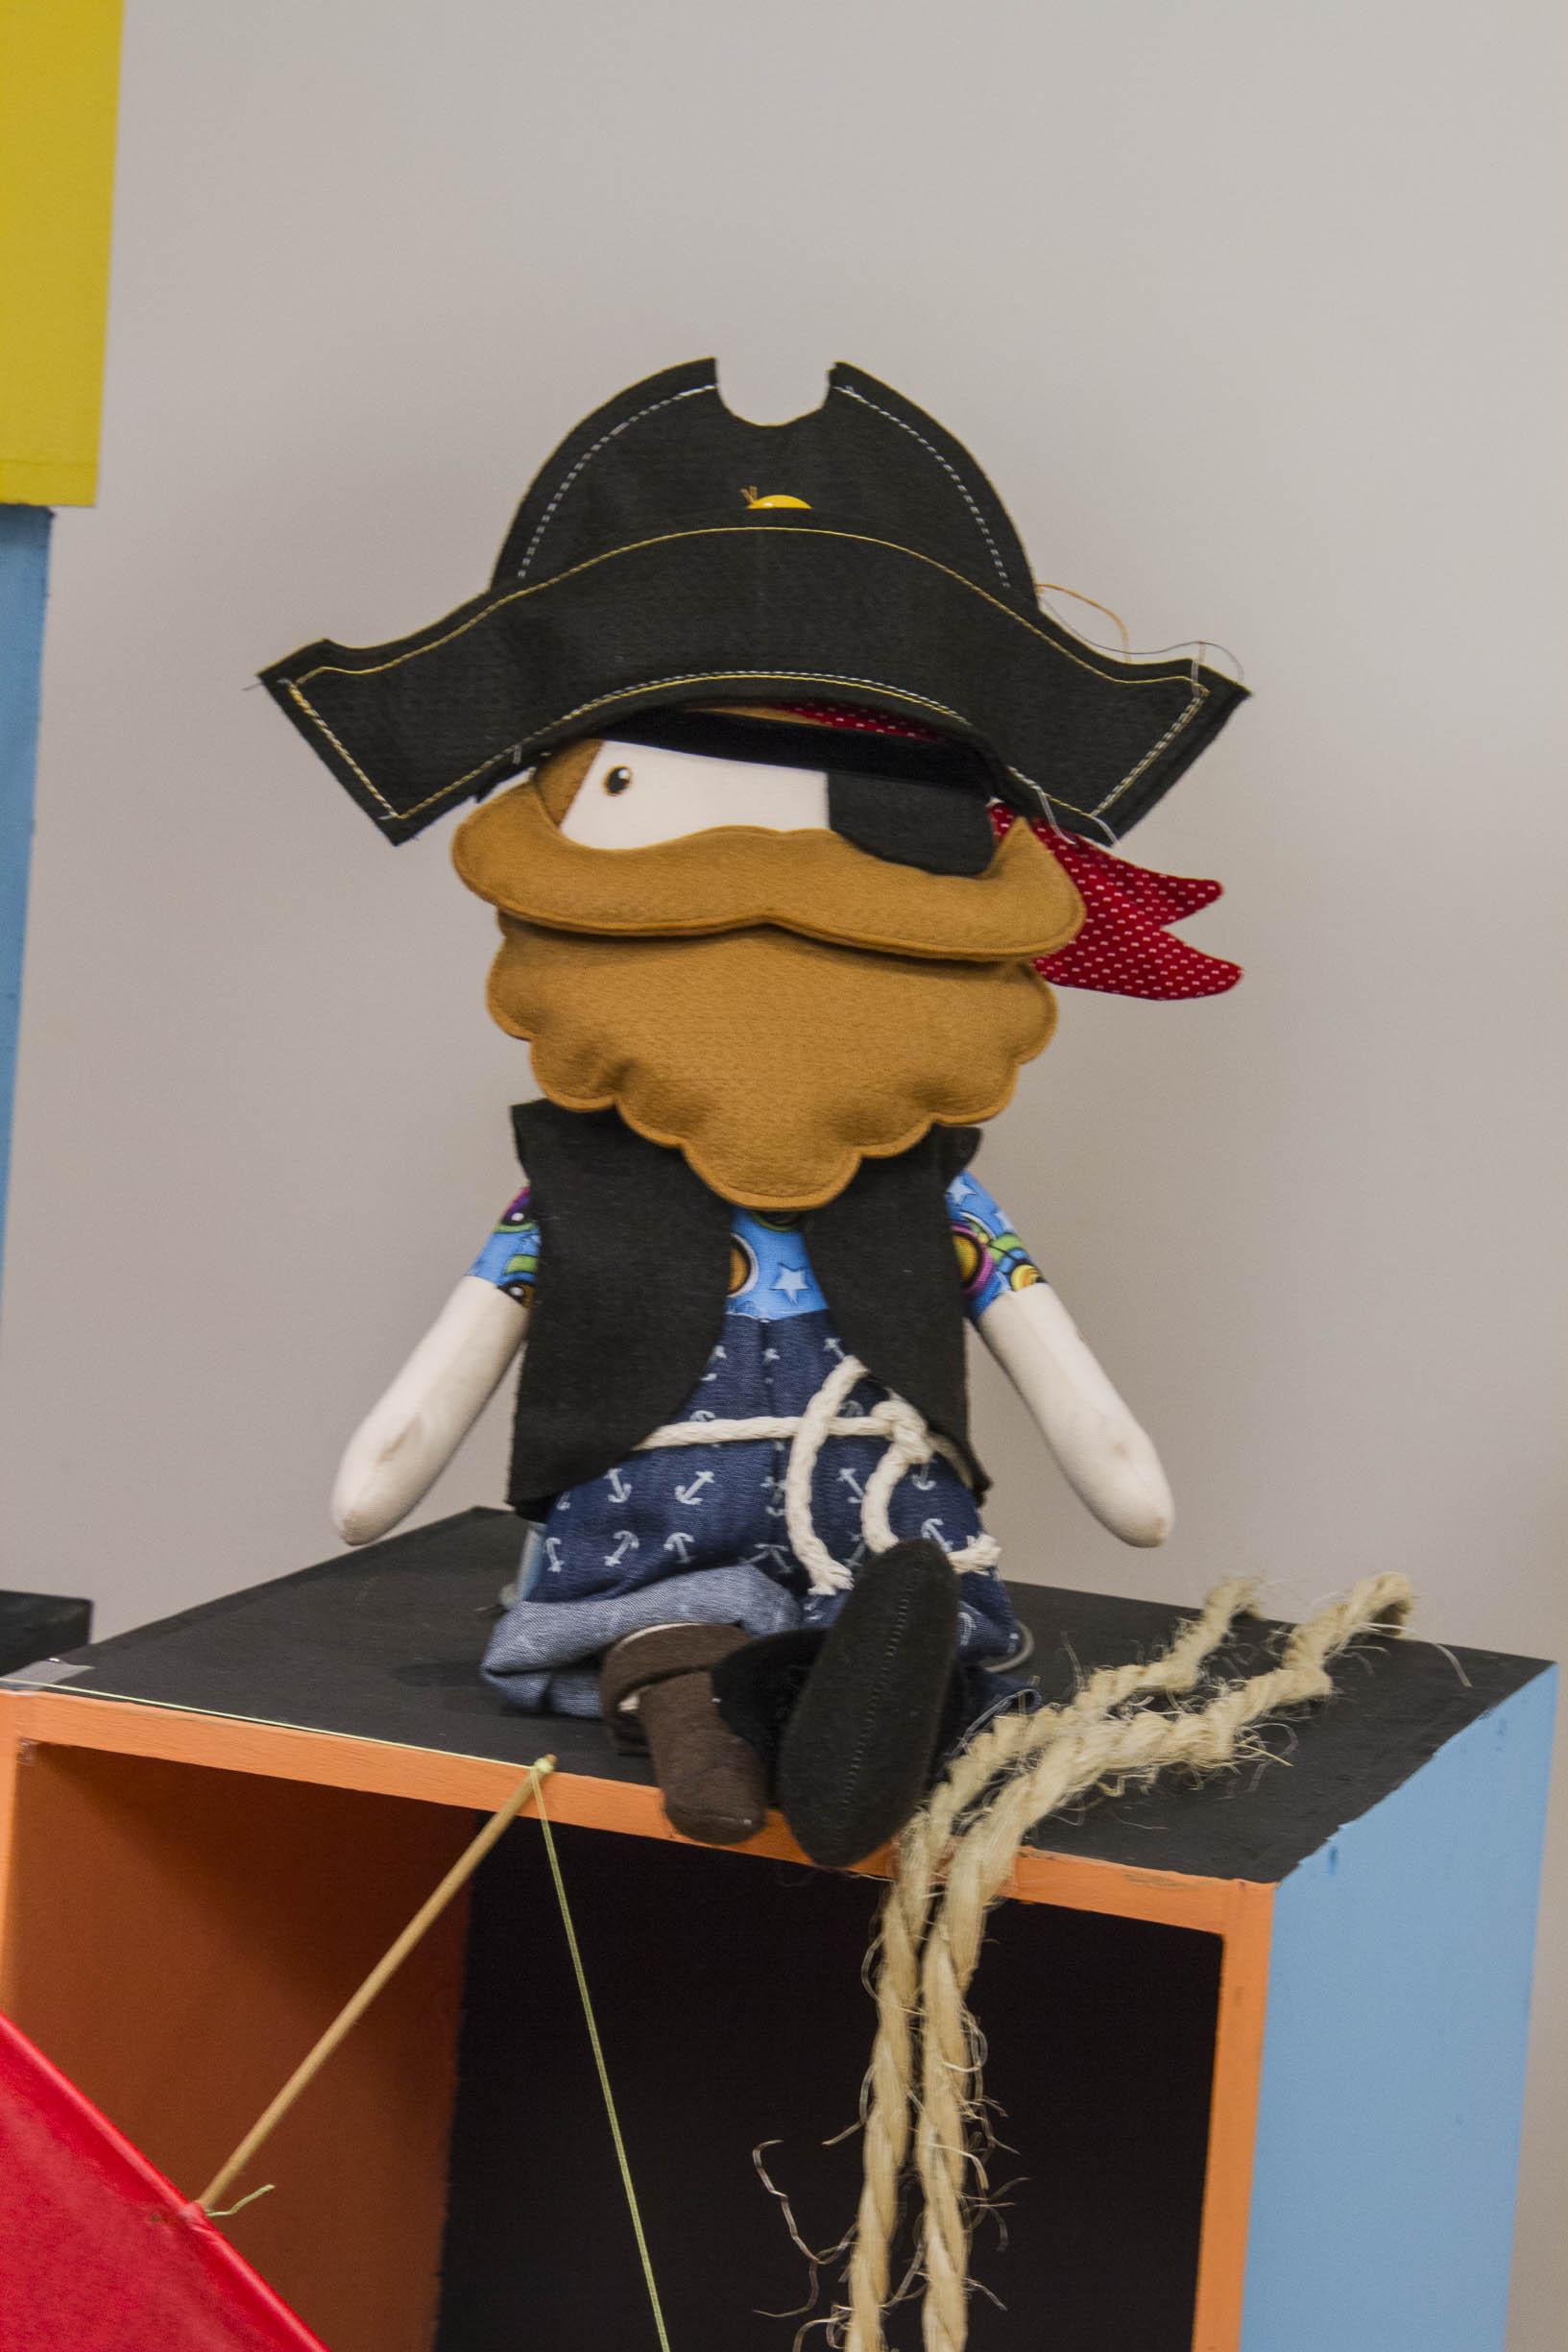 Terra à vista! Olha a fofura desse boneco pirata feito pela Gigi